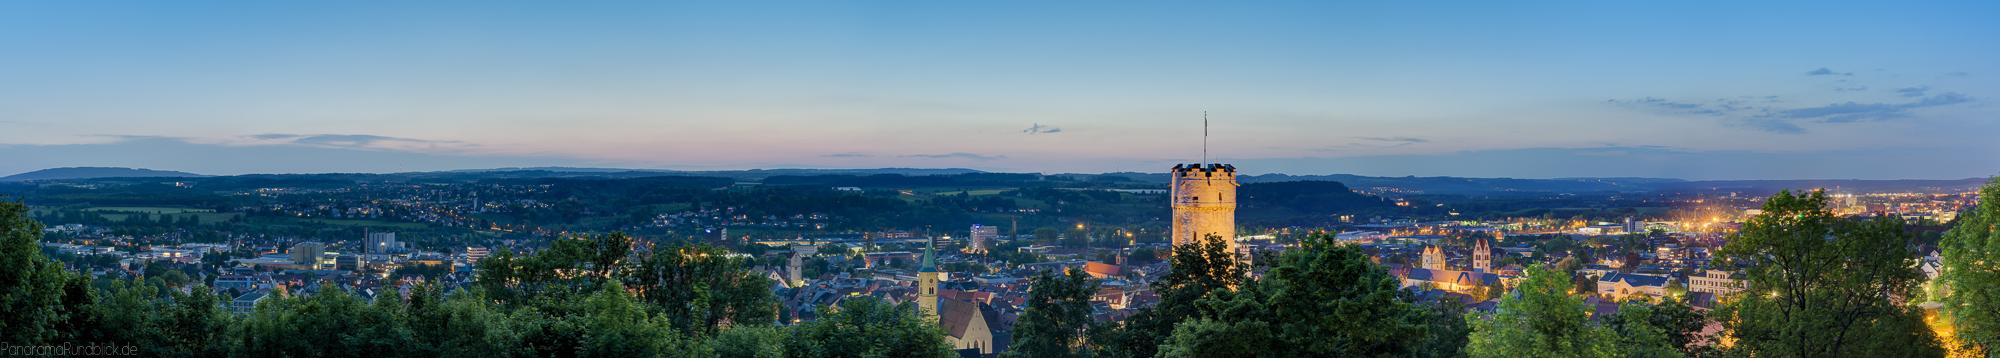 Panoramafoto von der hystorischen Altstadt Ravensburg im Lichterglanz